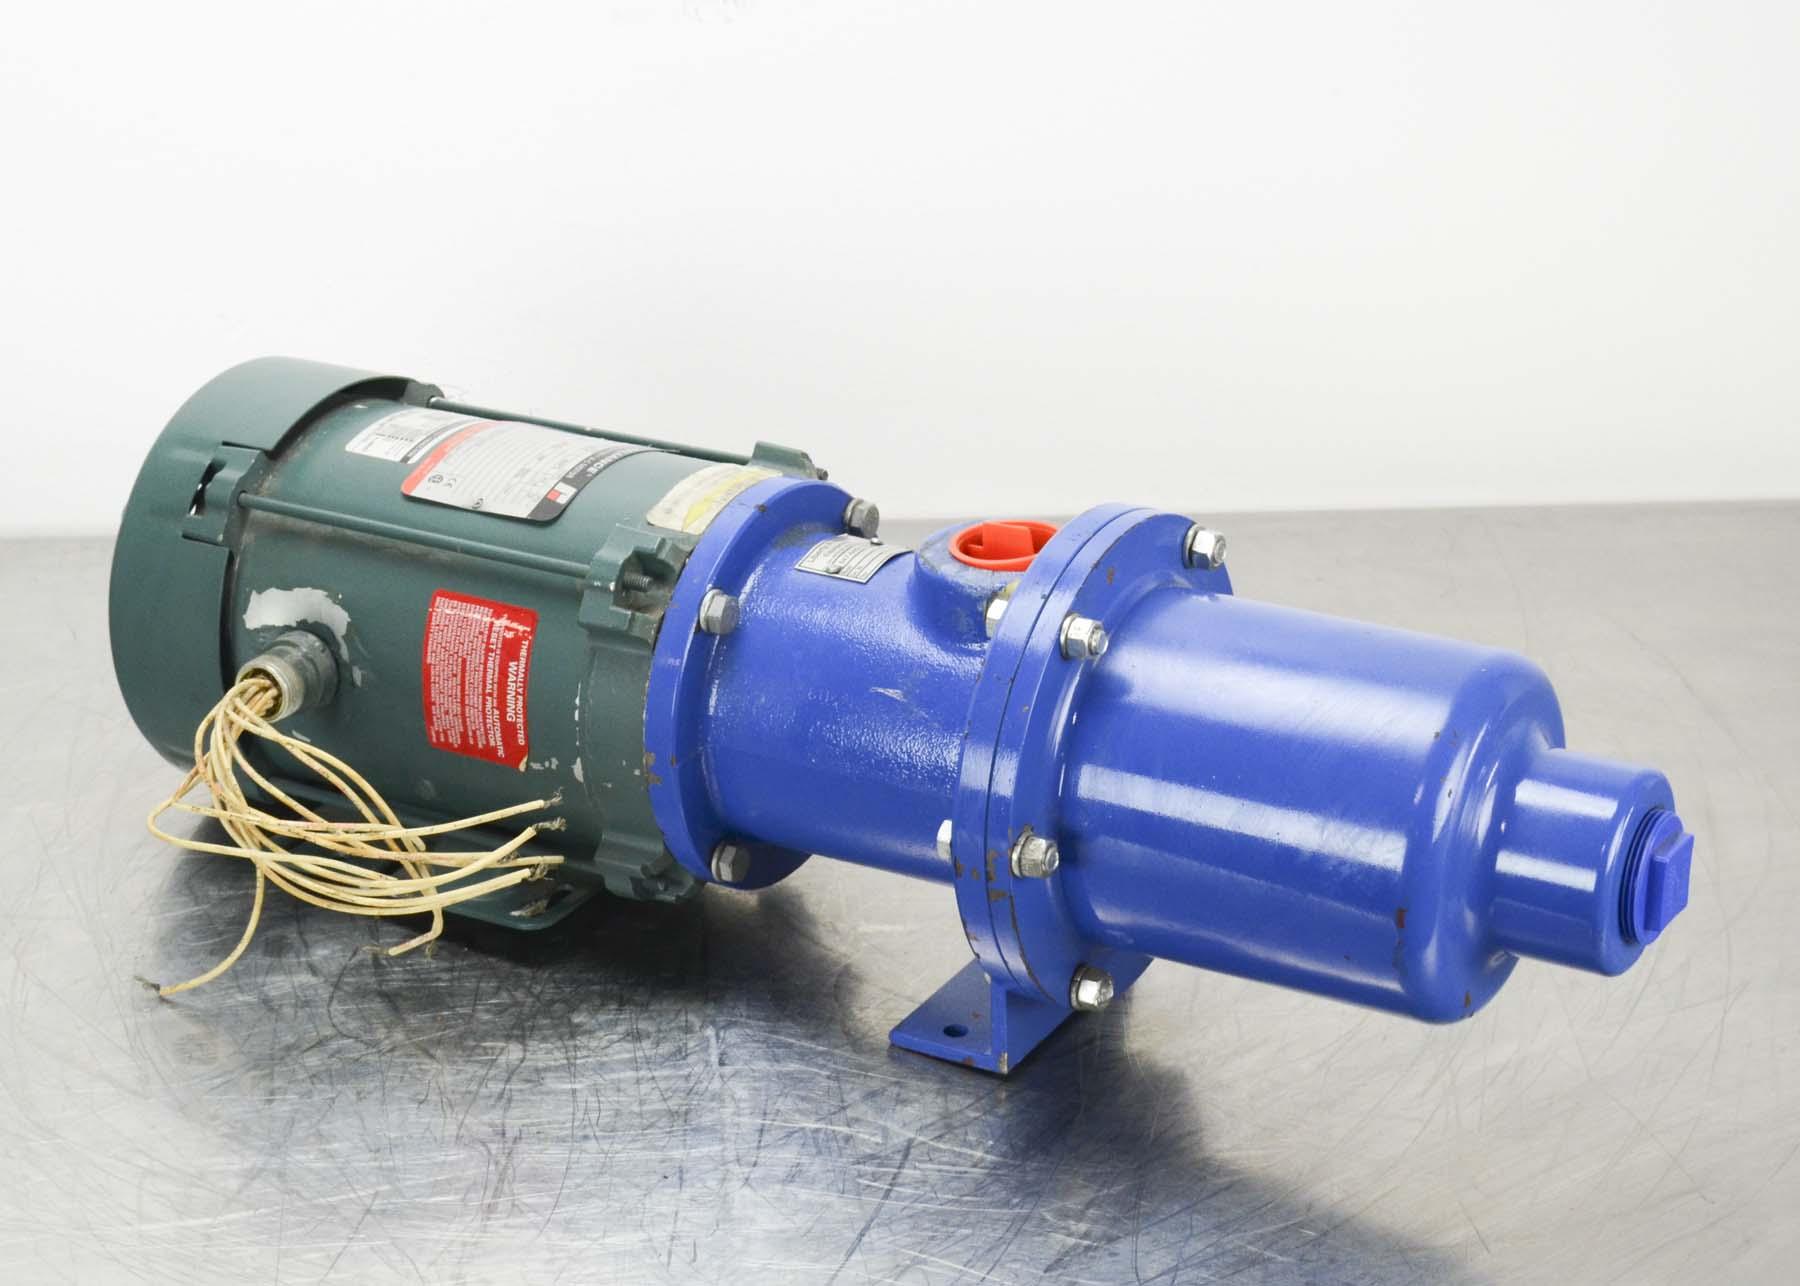 Liberty Process Equipment APM56CSFM Pump